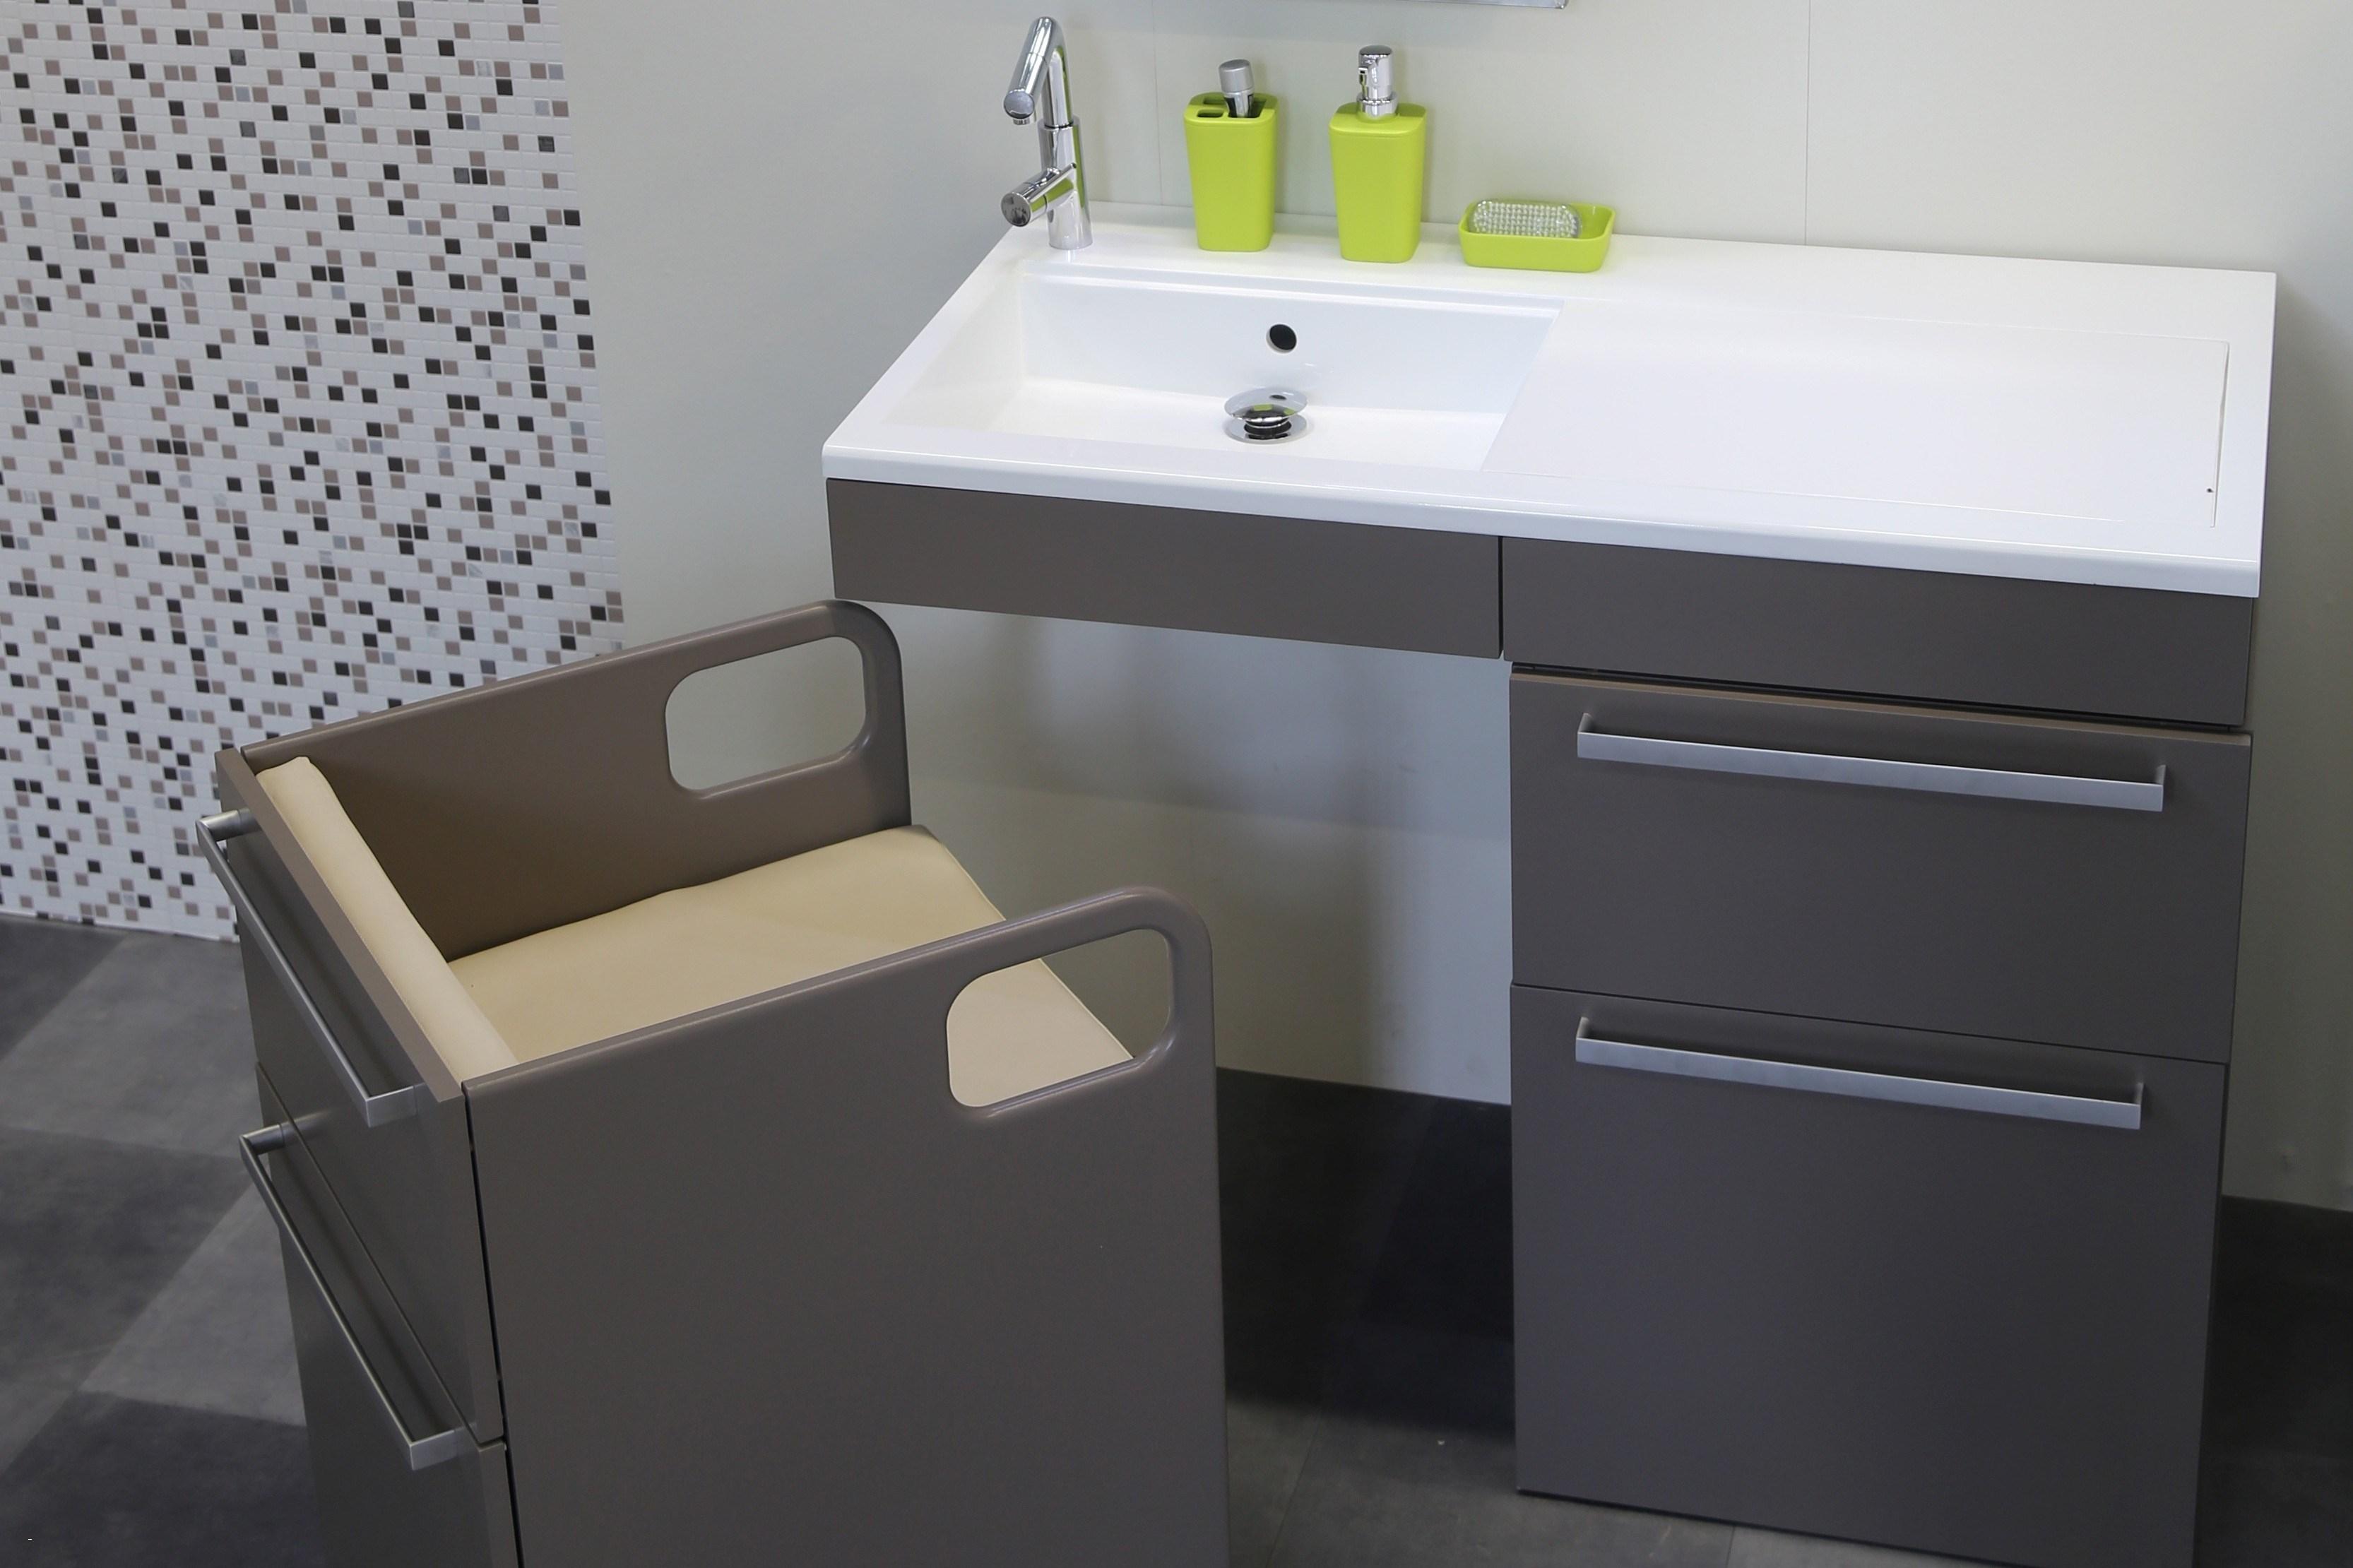 Ikea Salle De Bains Meilleur De Stock Amenagement Salle De Bain Pour Personne Agee Incroyable Meuble Salle